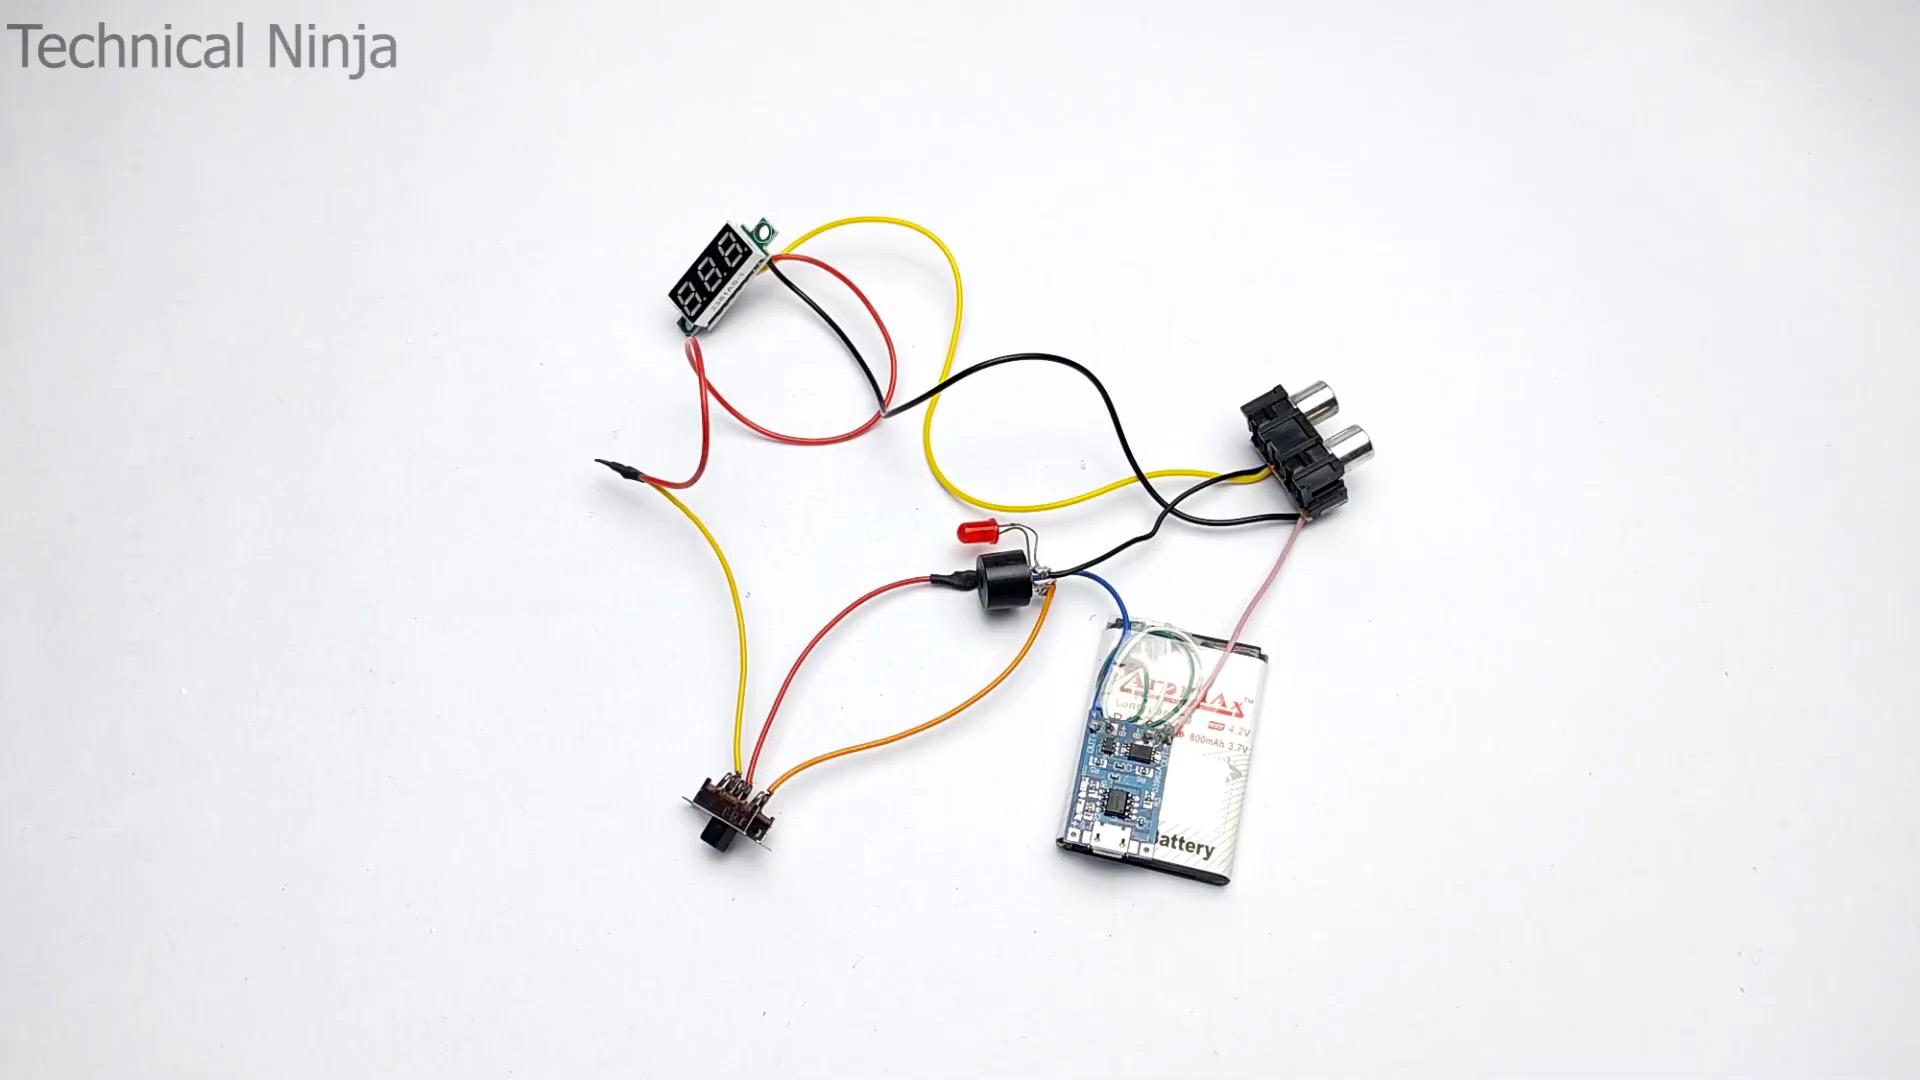 Как сделать мультиметр из трубы ПВХ для автоэлектрика и домашнего мастера